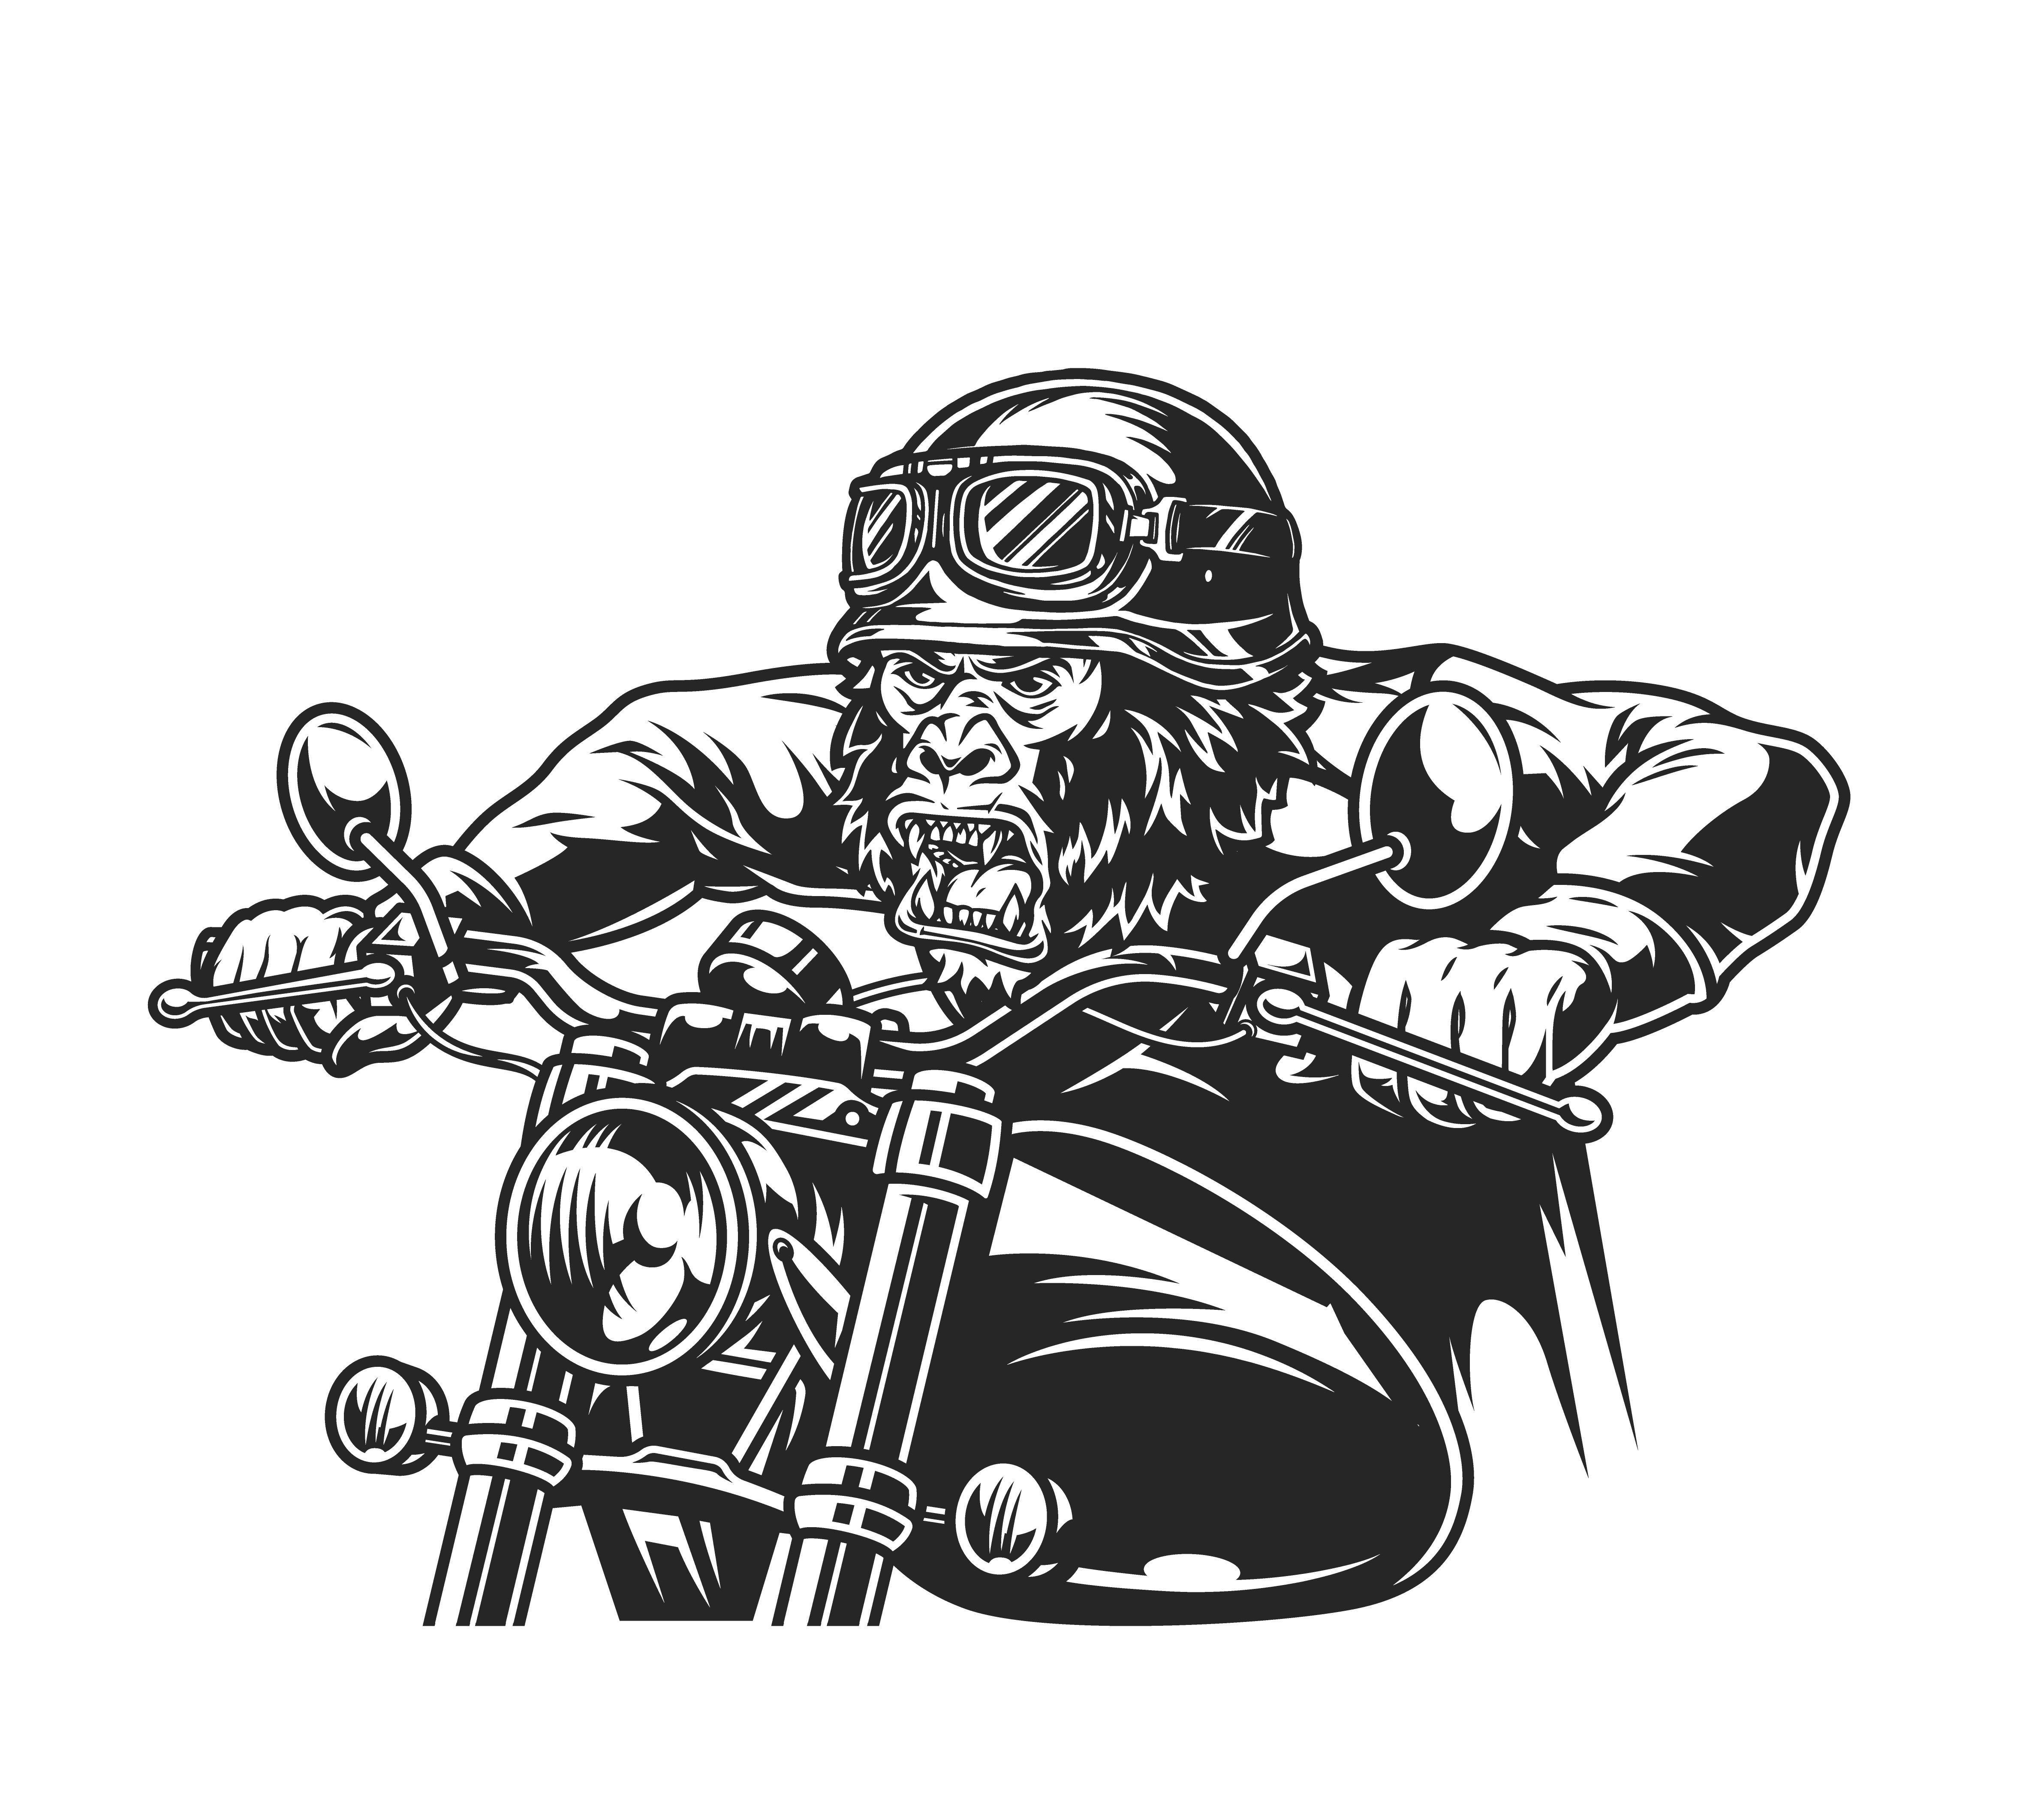 37 Vintage Custom Motorcycle Emblems In 2020 Custom Motorcycle Paint Jobs Motorcycle Illustration Motorcycle Design